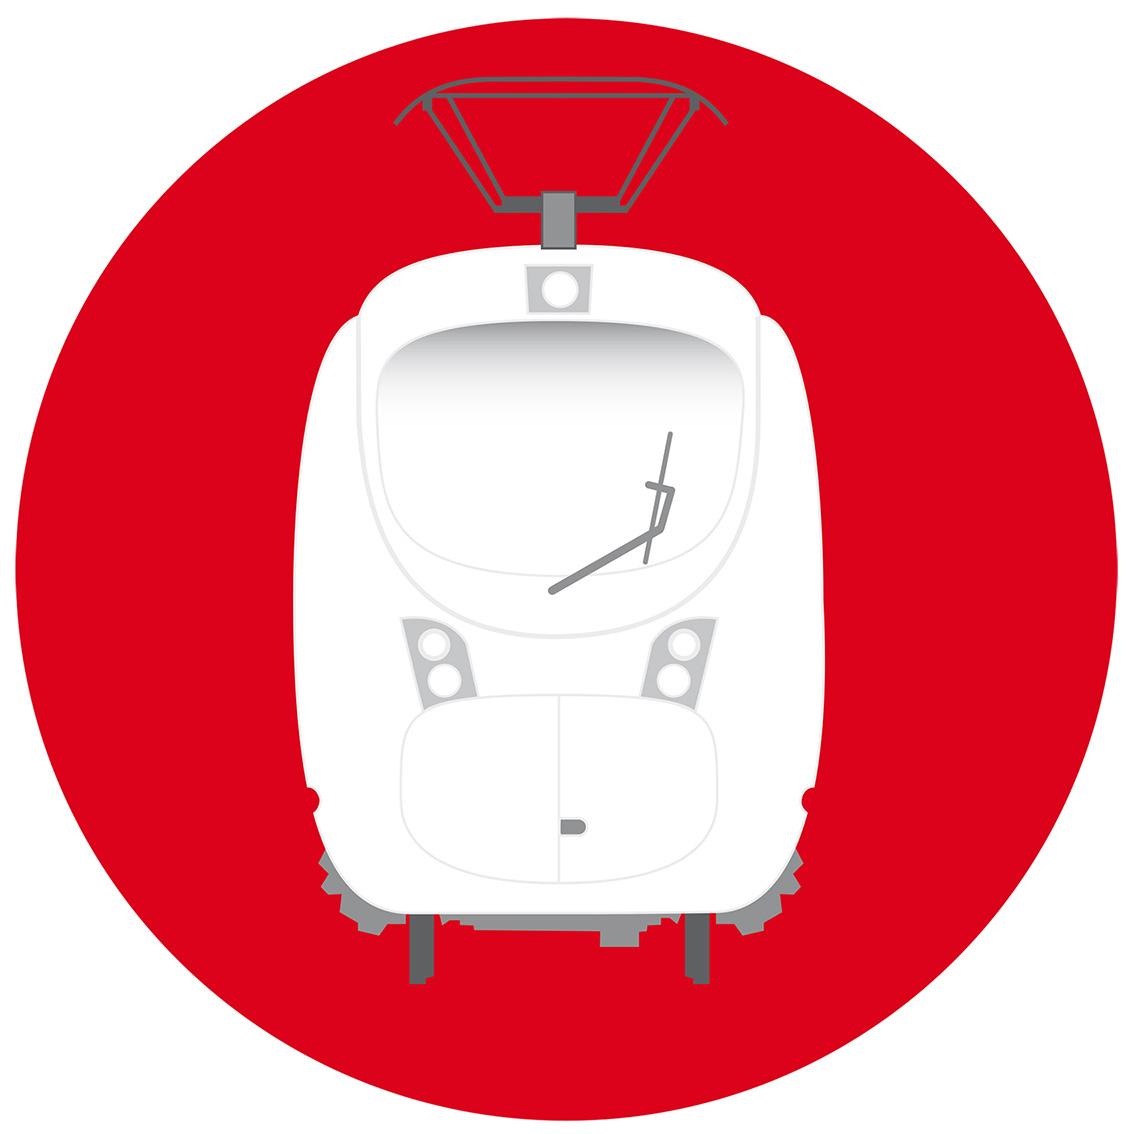 Systemlösungen für Schienenfahrzeuge